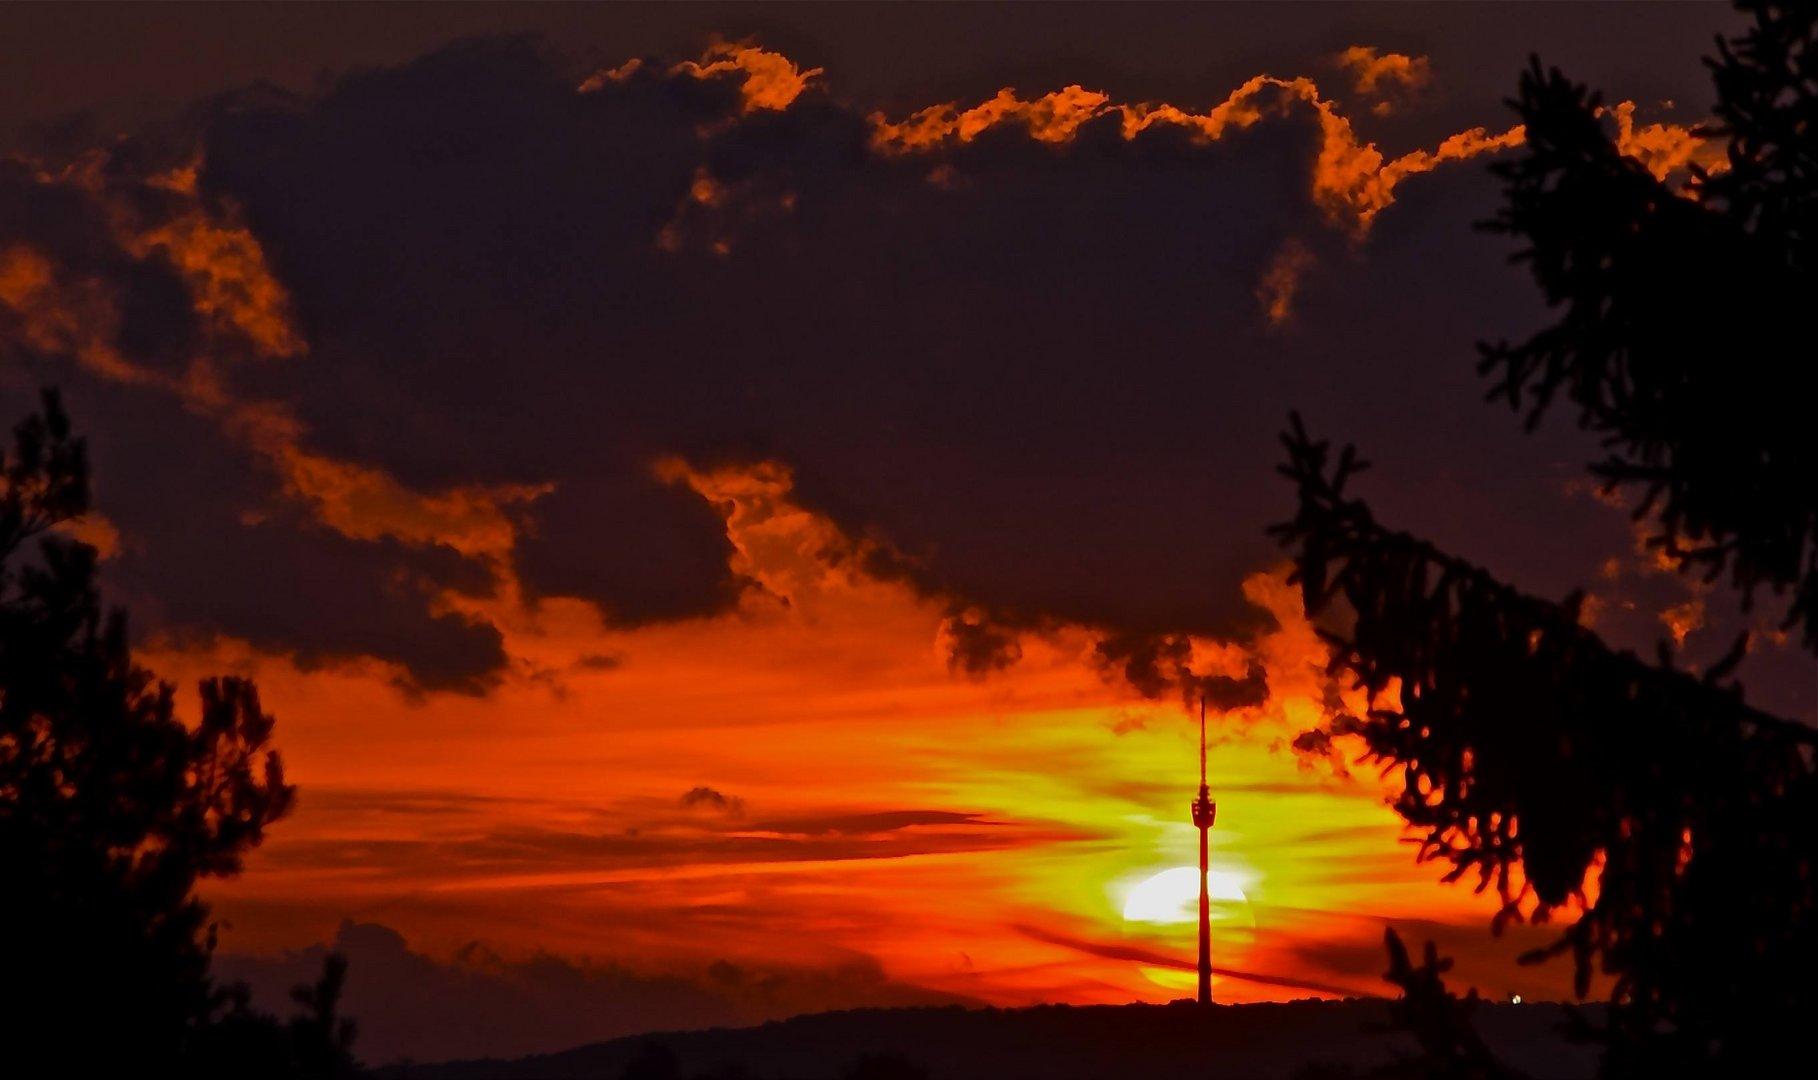 Sunset over Stuttgart - as seen from Esslingen (Germany)